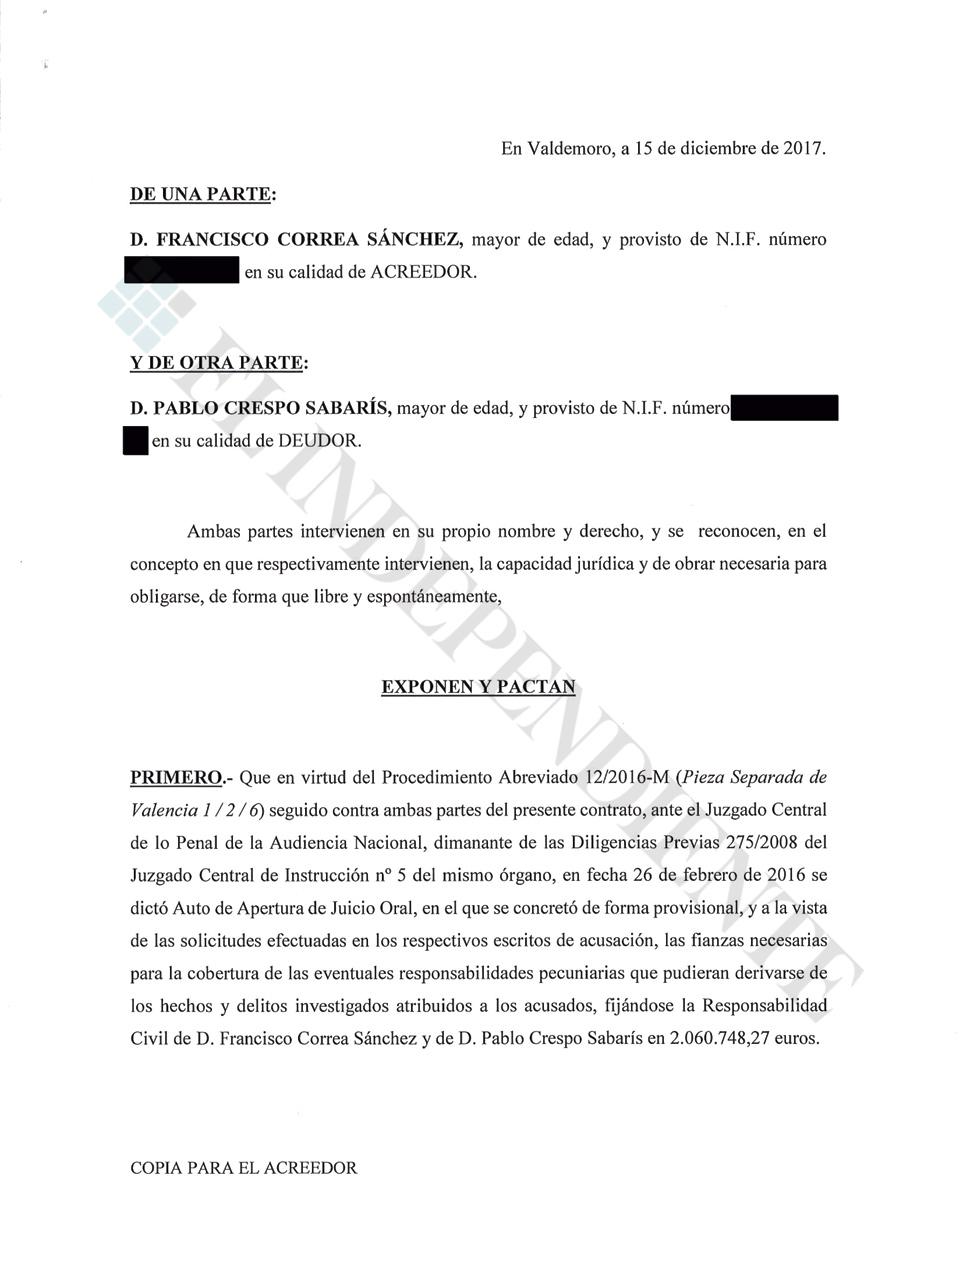 Contrato Correa - Crespo